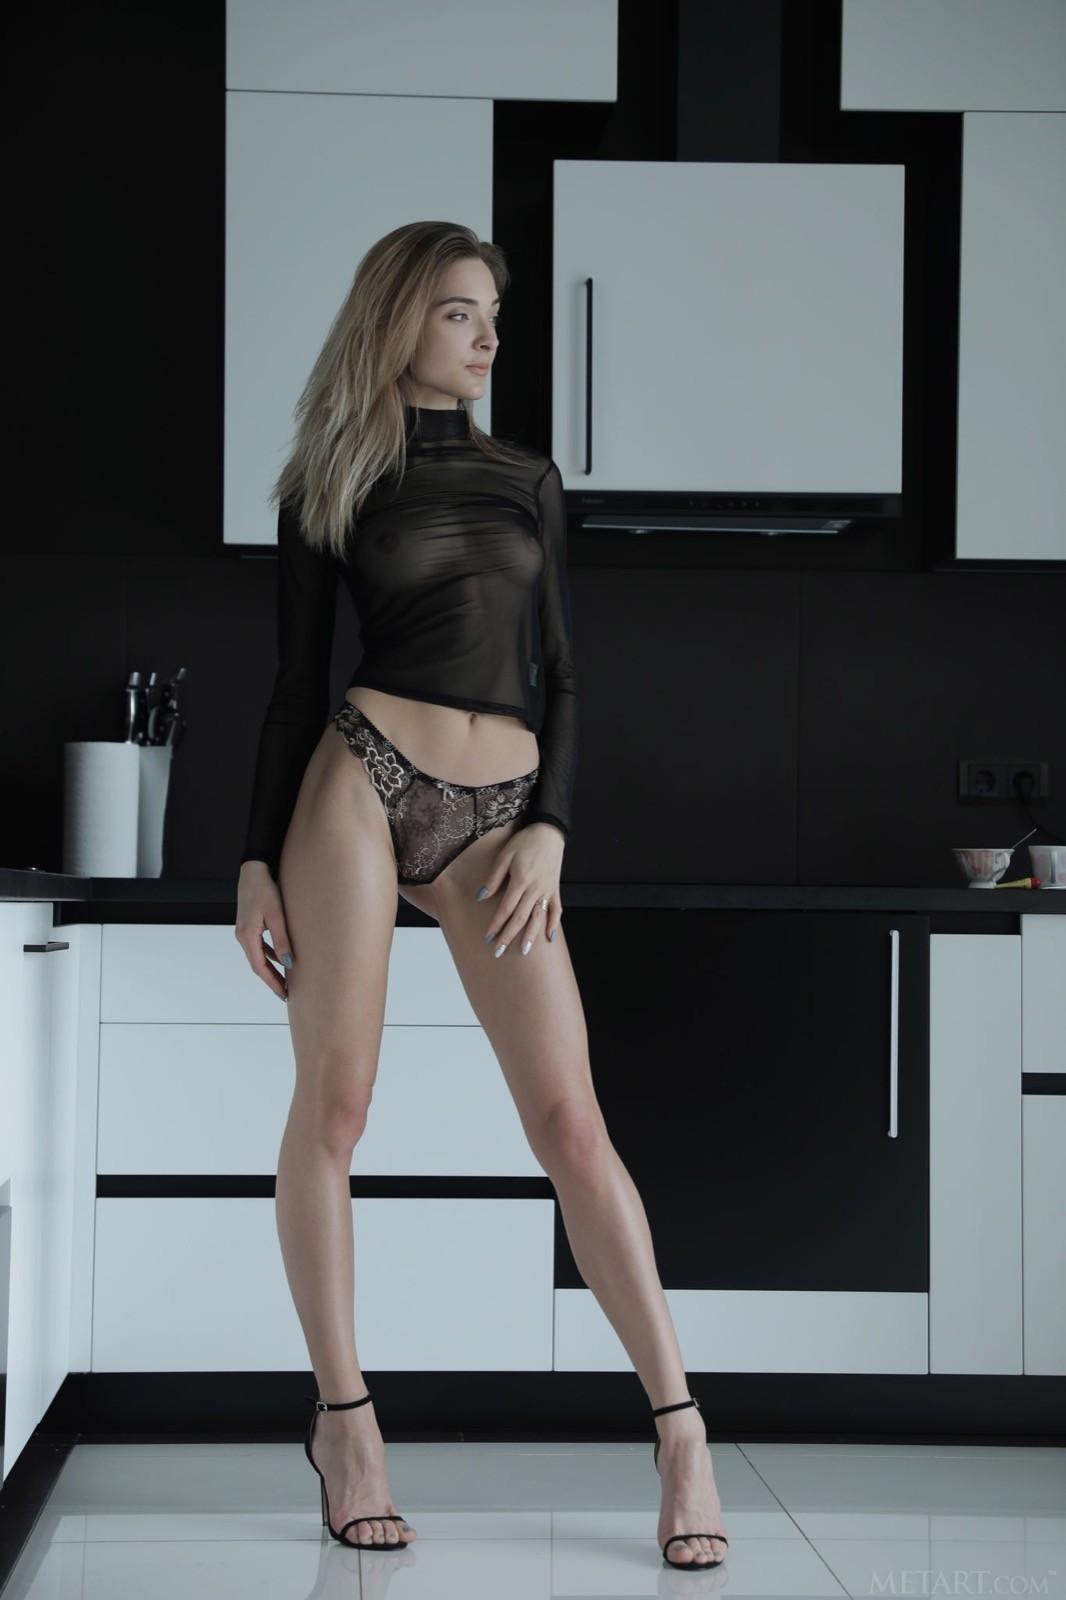 Высокая голая красотка с длинными ногами - фото